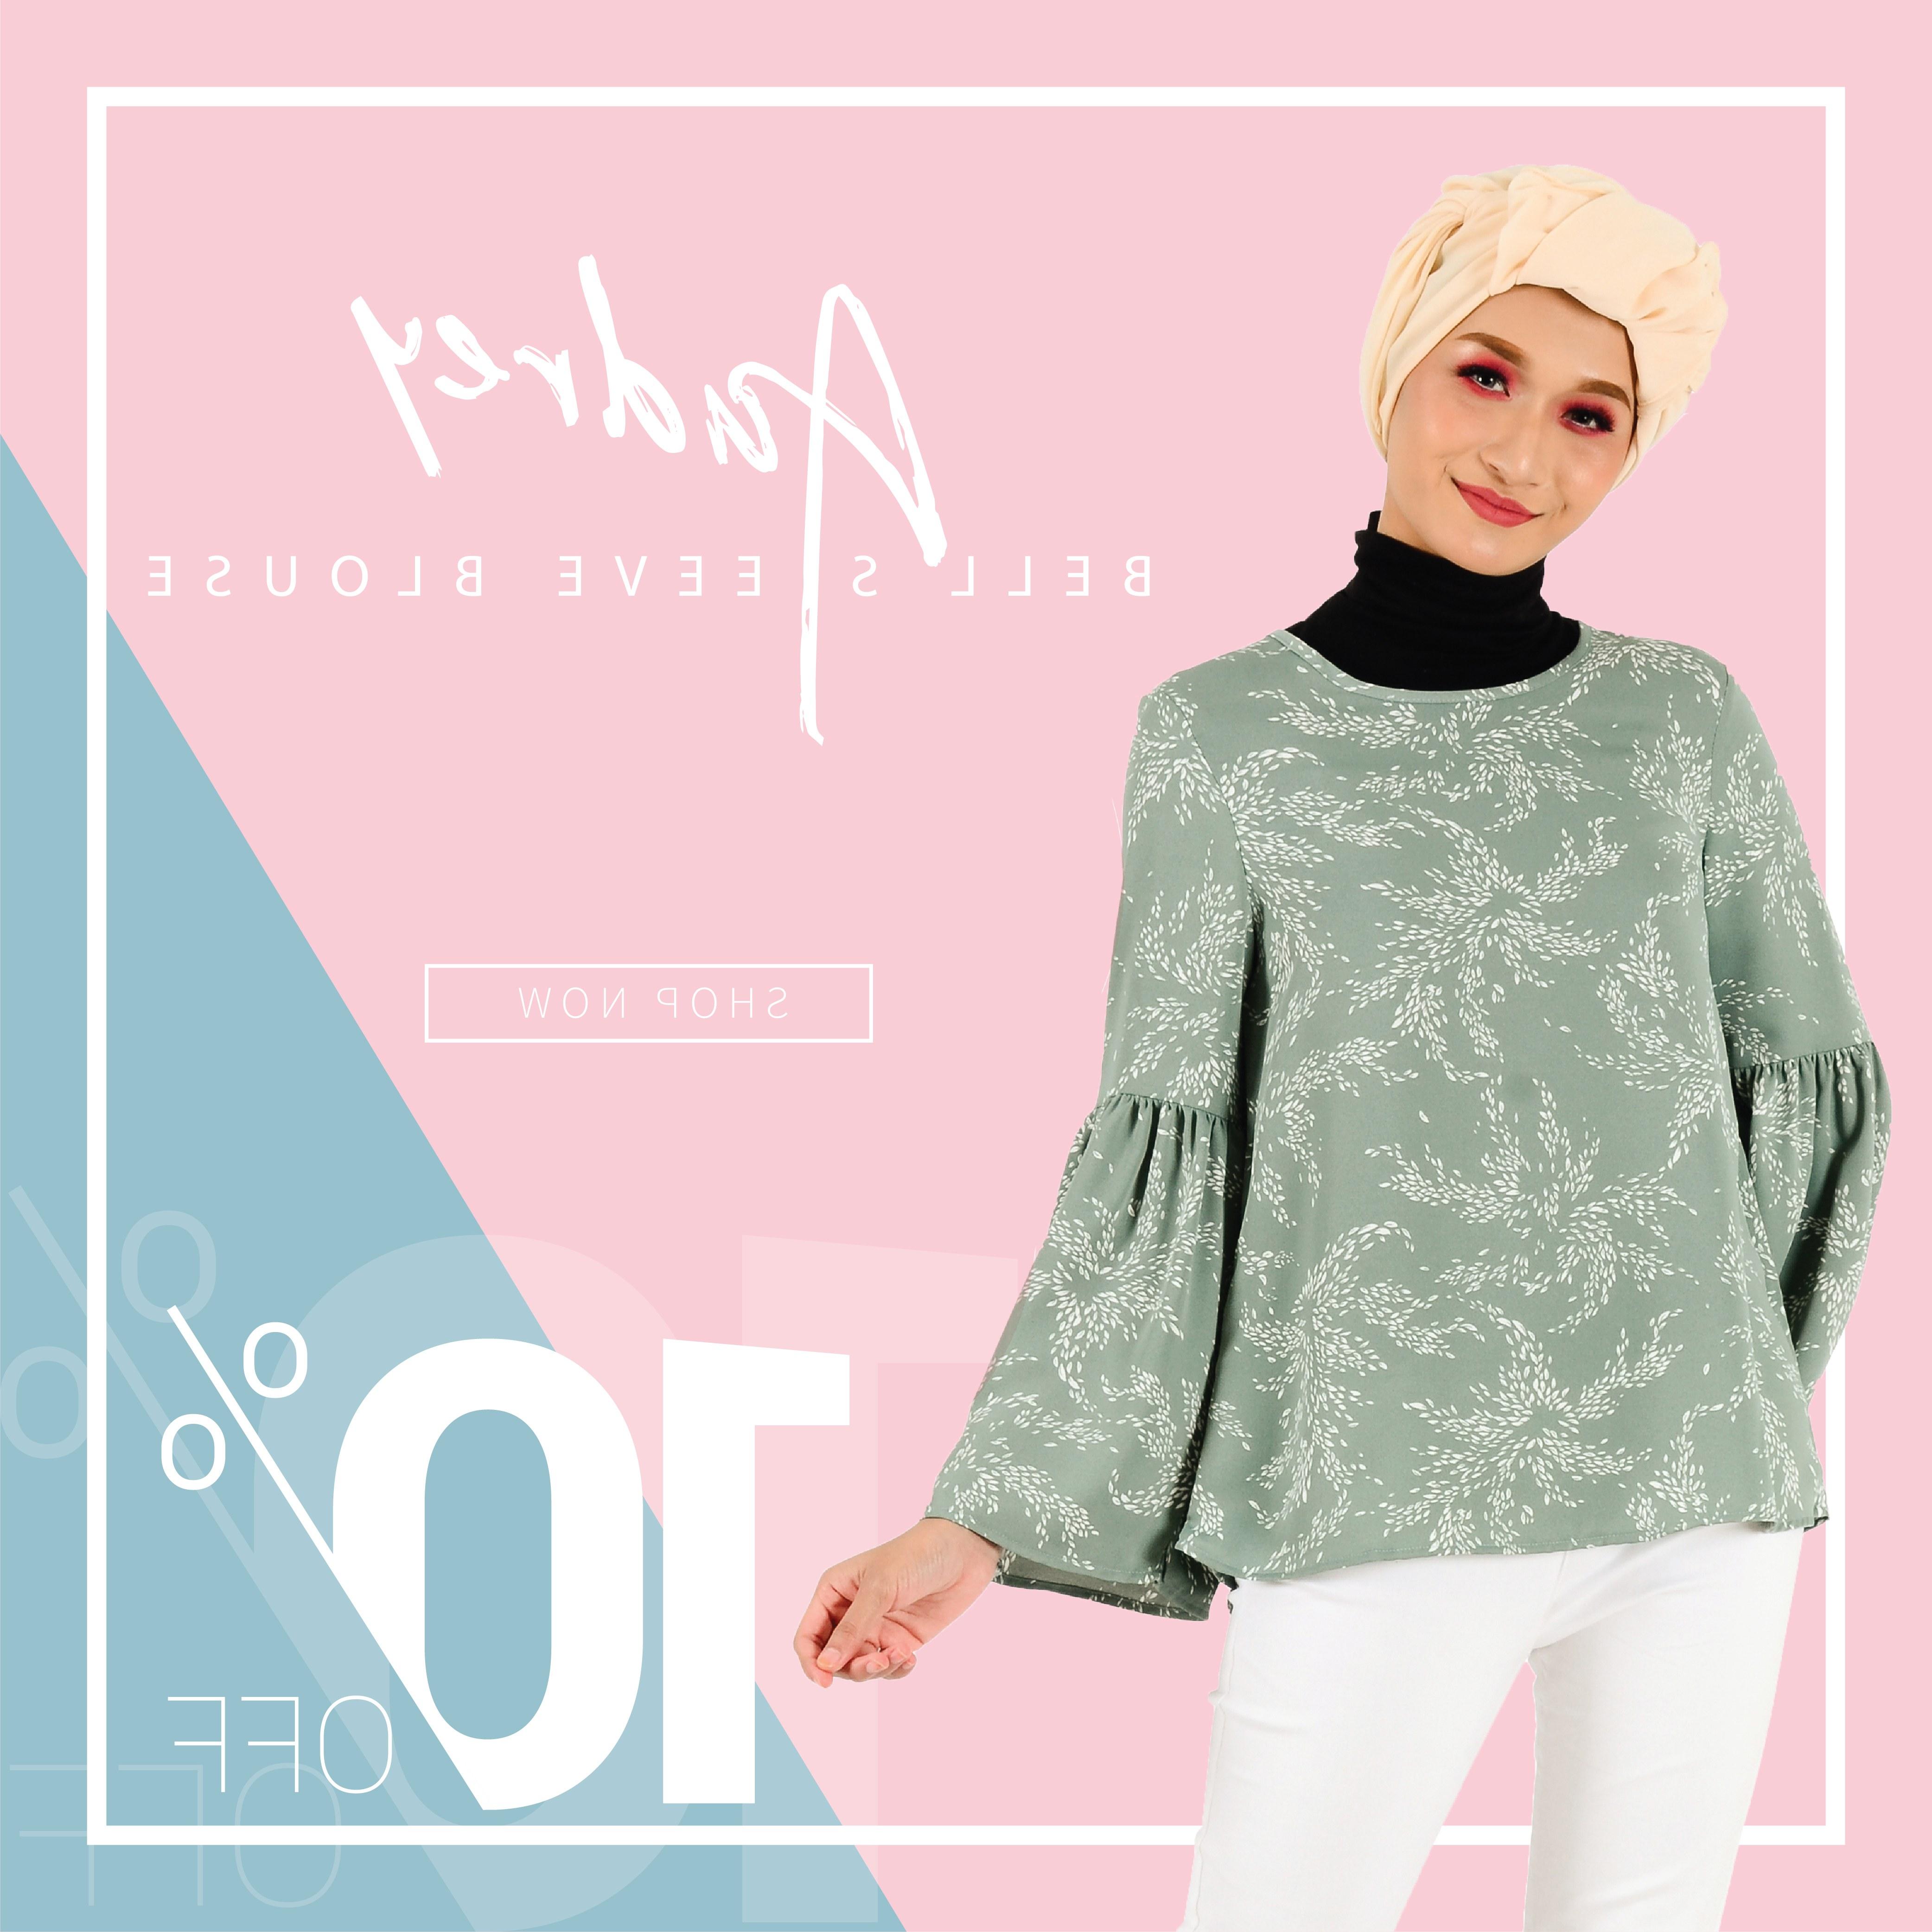 Bentuk Baju Gamis Pernikahan Muslimah 3id6 Mytrend S Muslimah Fashion Blog